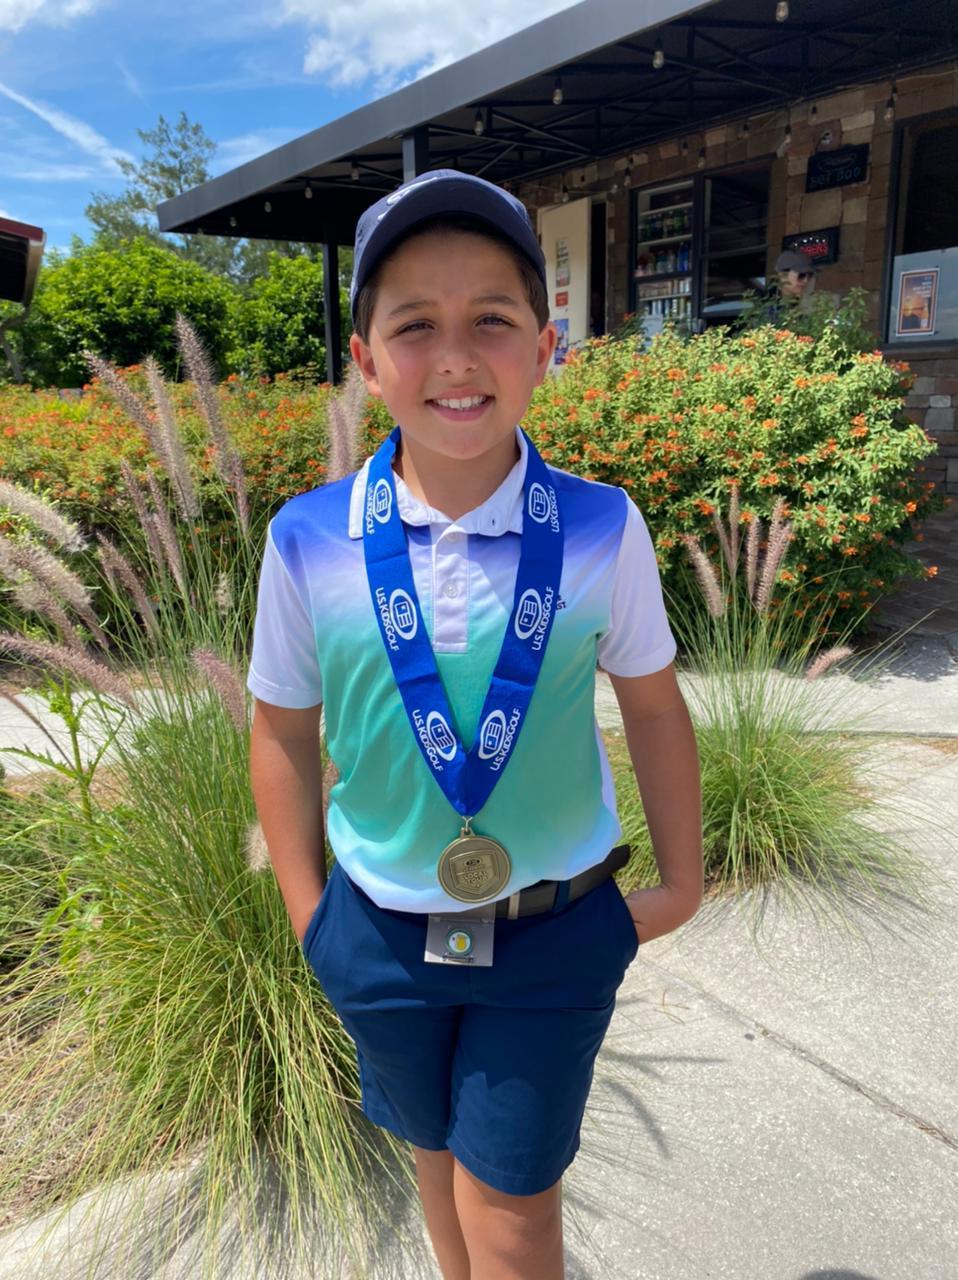 Luca e Lorenzo Almeida são campeões da etapa regional de Orlando do U.S Kids